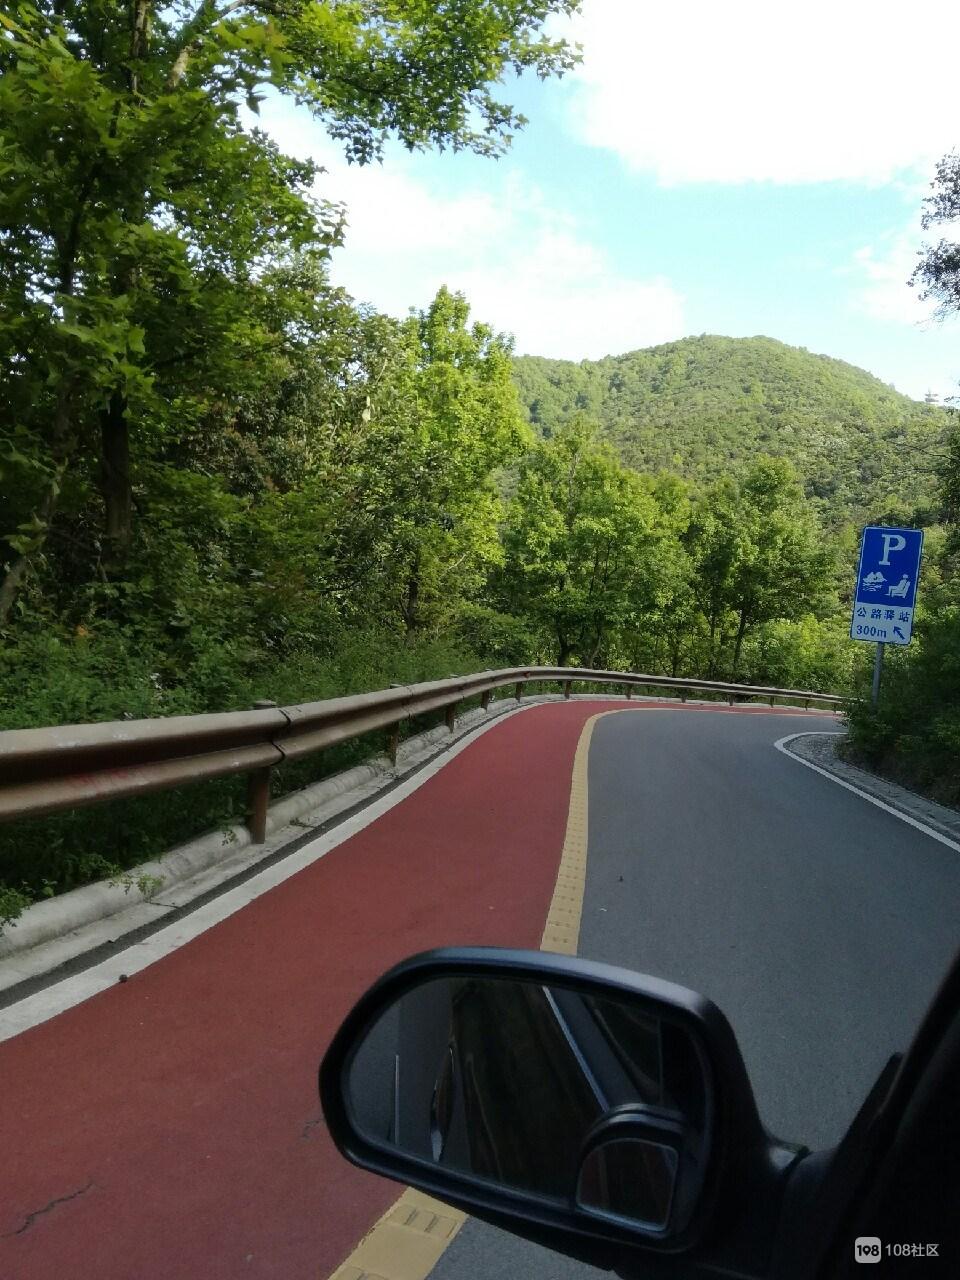 青山绿水、空气阳光!南洞美丽山路 简直是天然氧吧